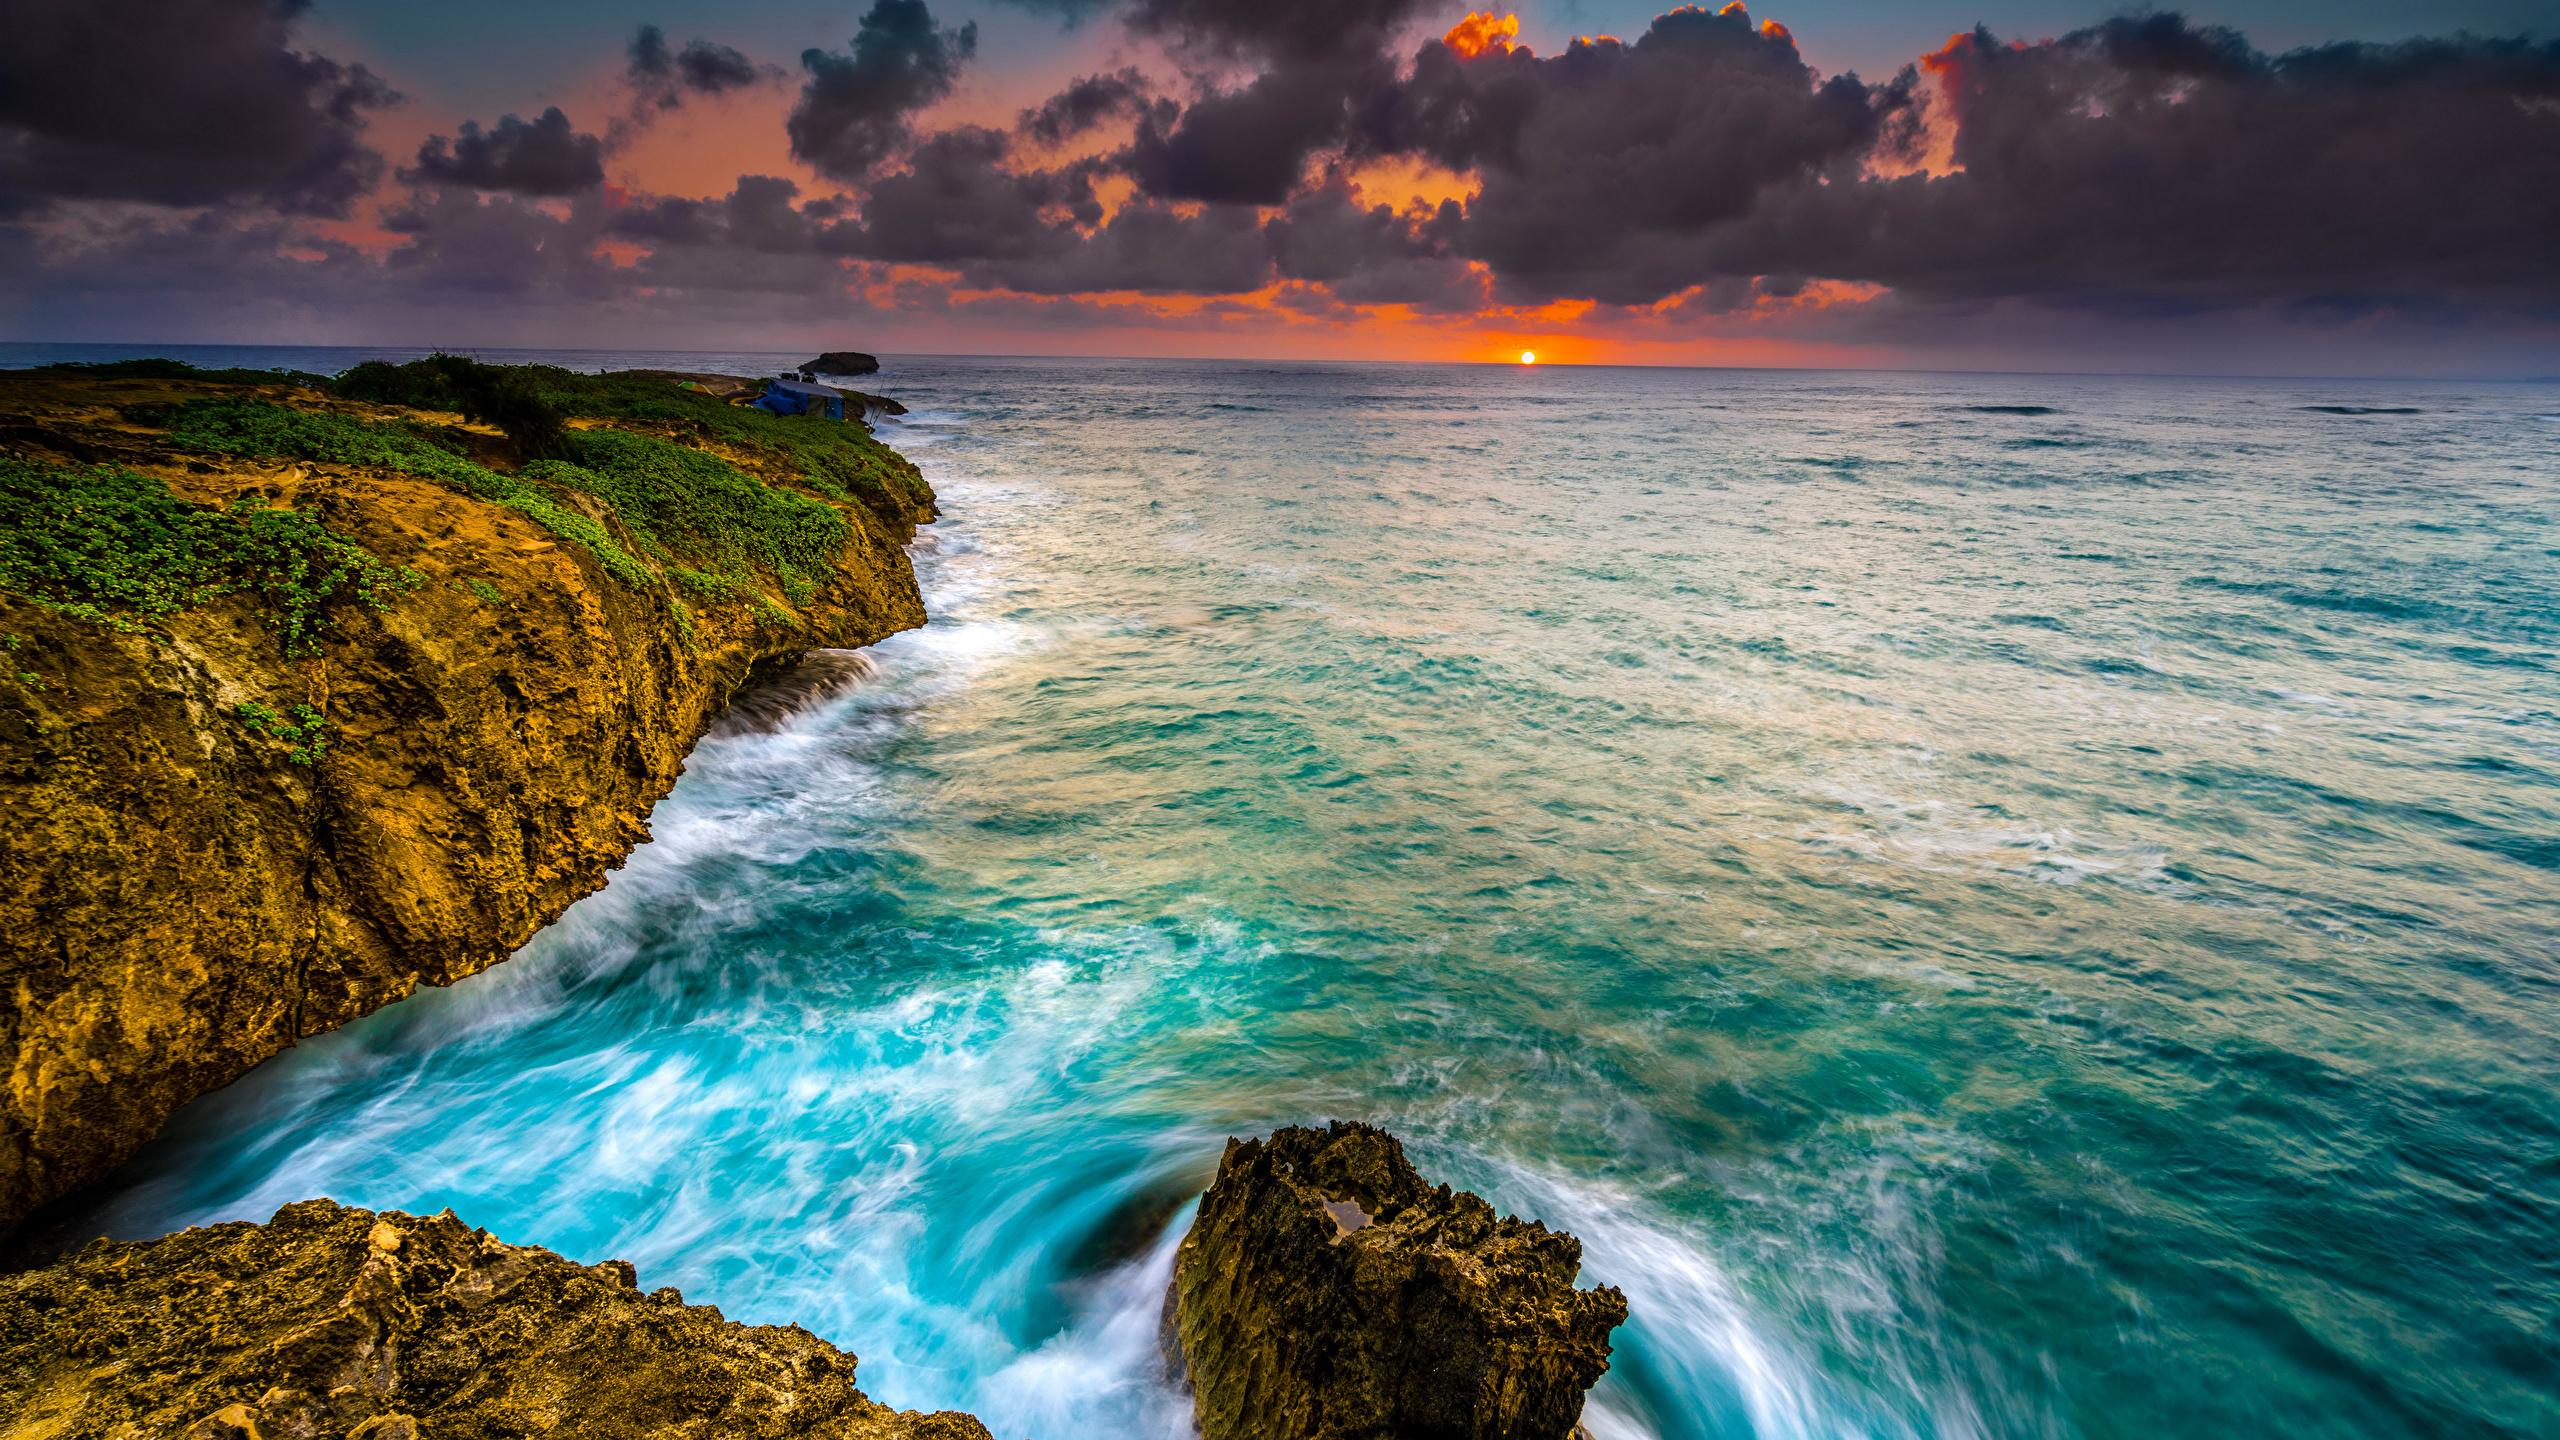 壁紙 2560x1440 海岸 朝焼けと日没 波 大洋 アメリカ合衆国